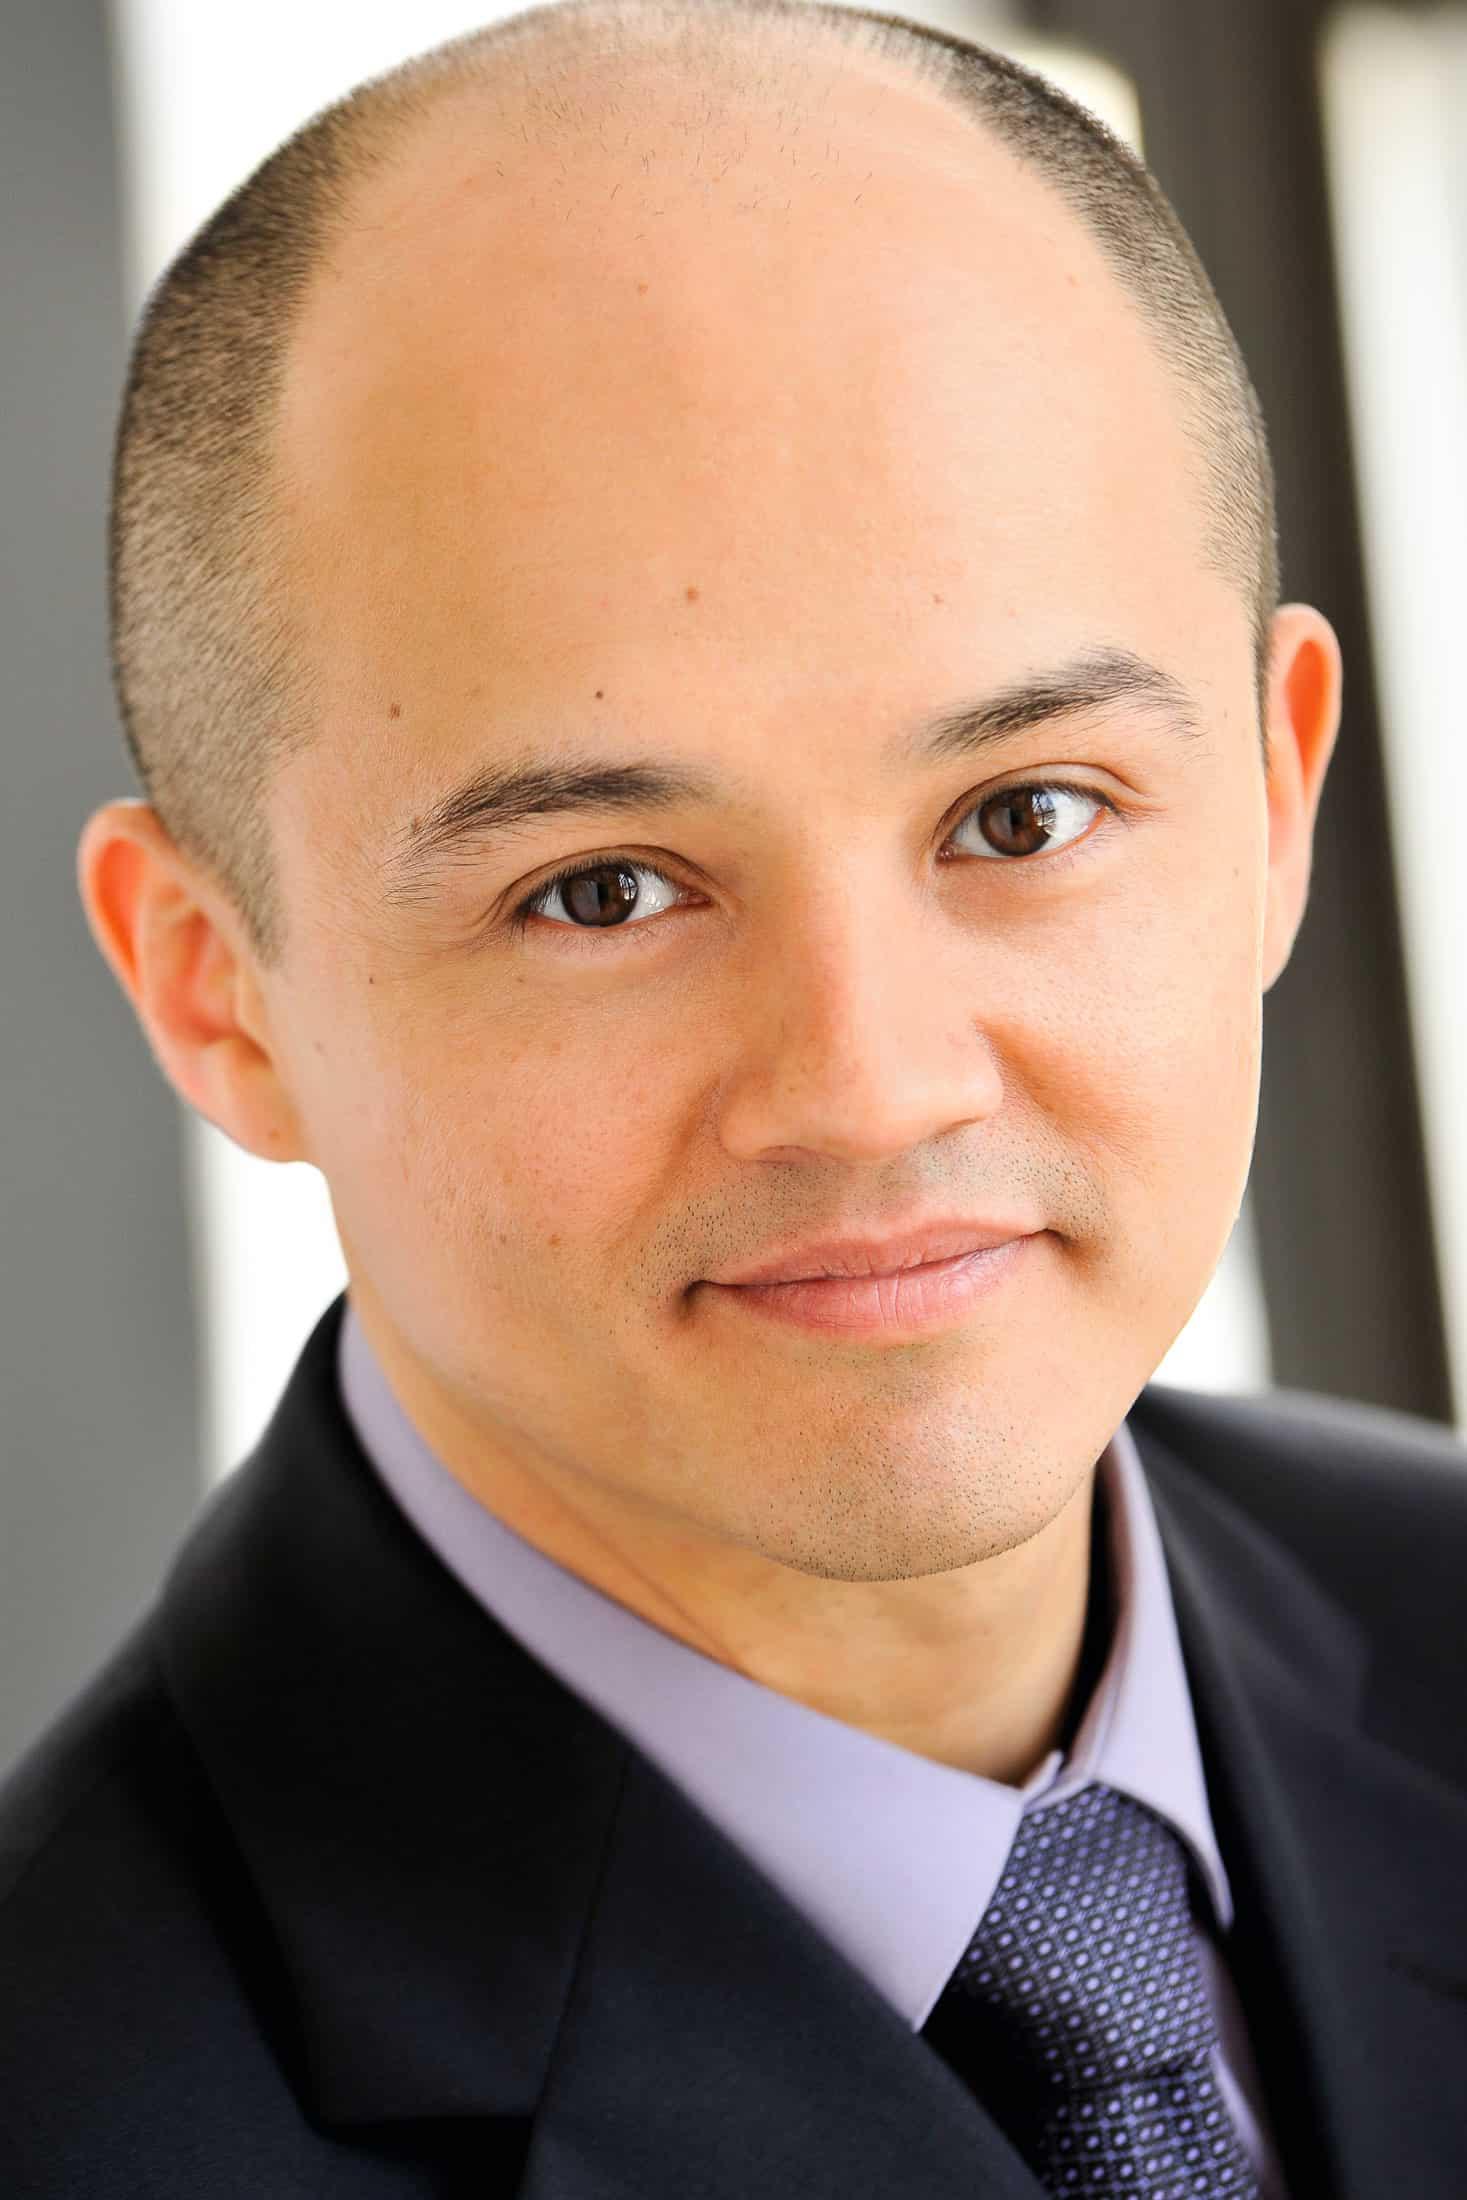 Headshots NYC - Actor Headshots Jim Q